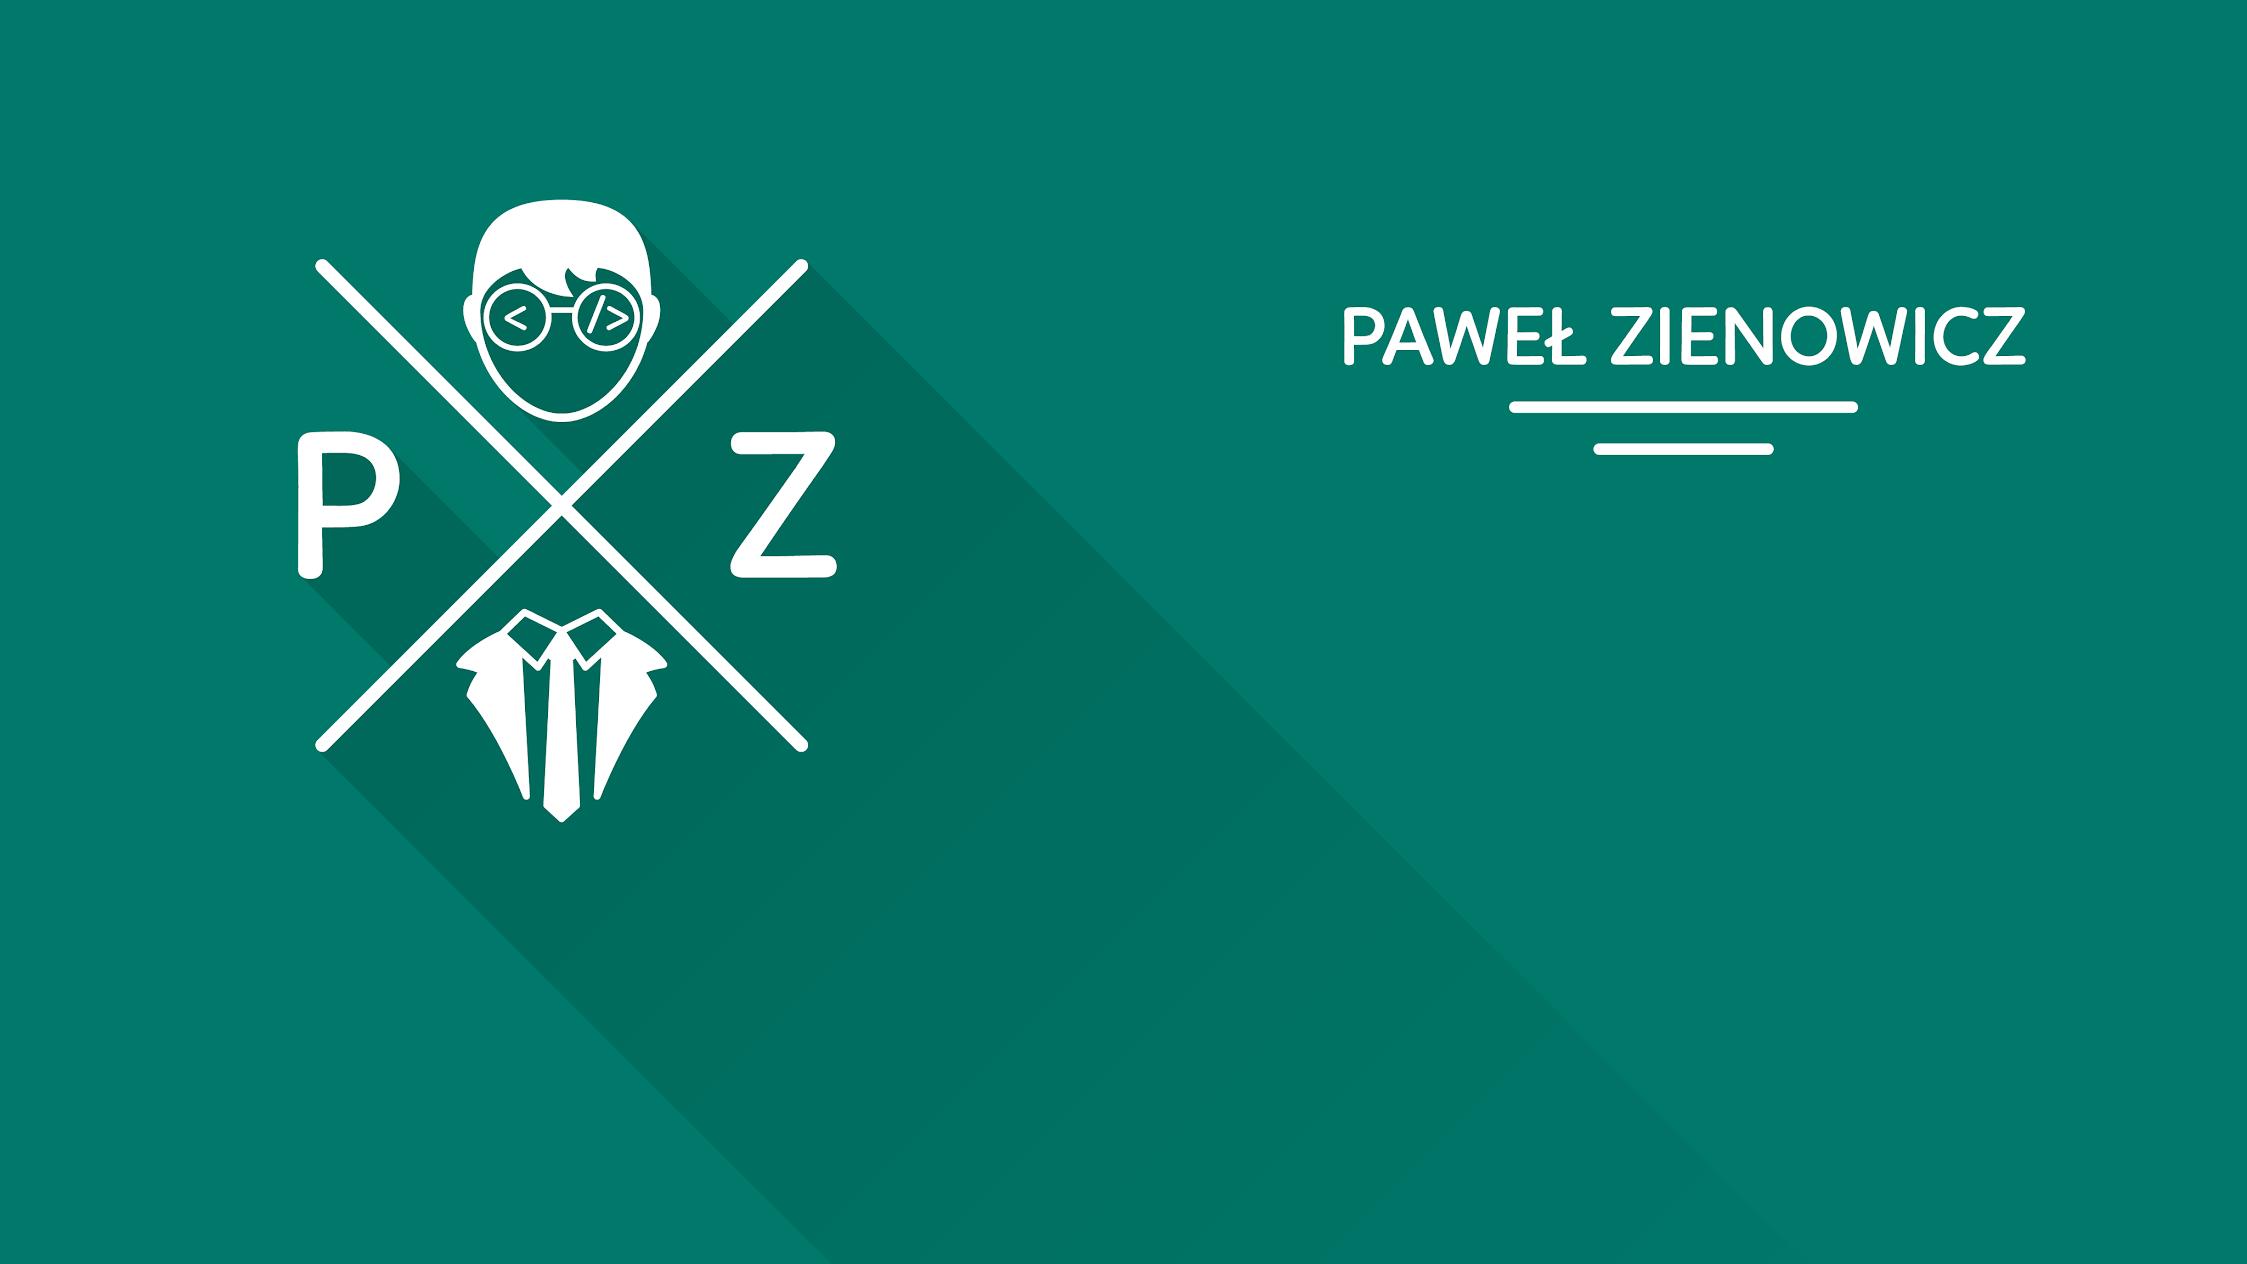 Pawel Zienowicz